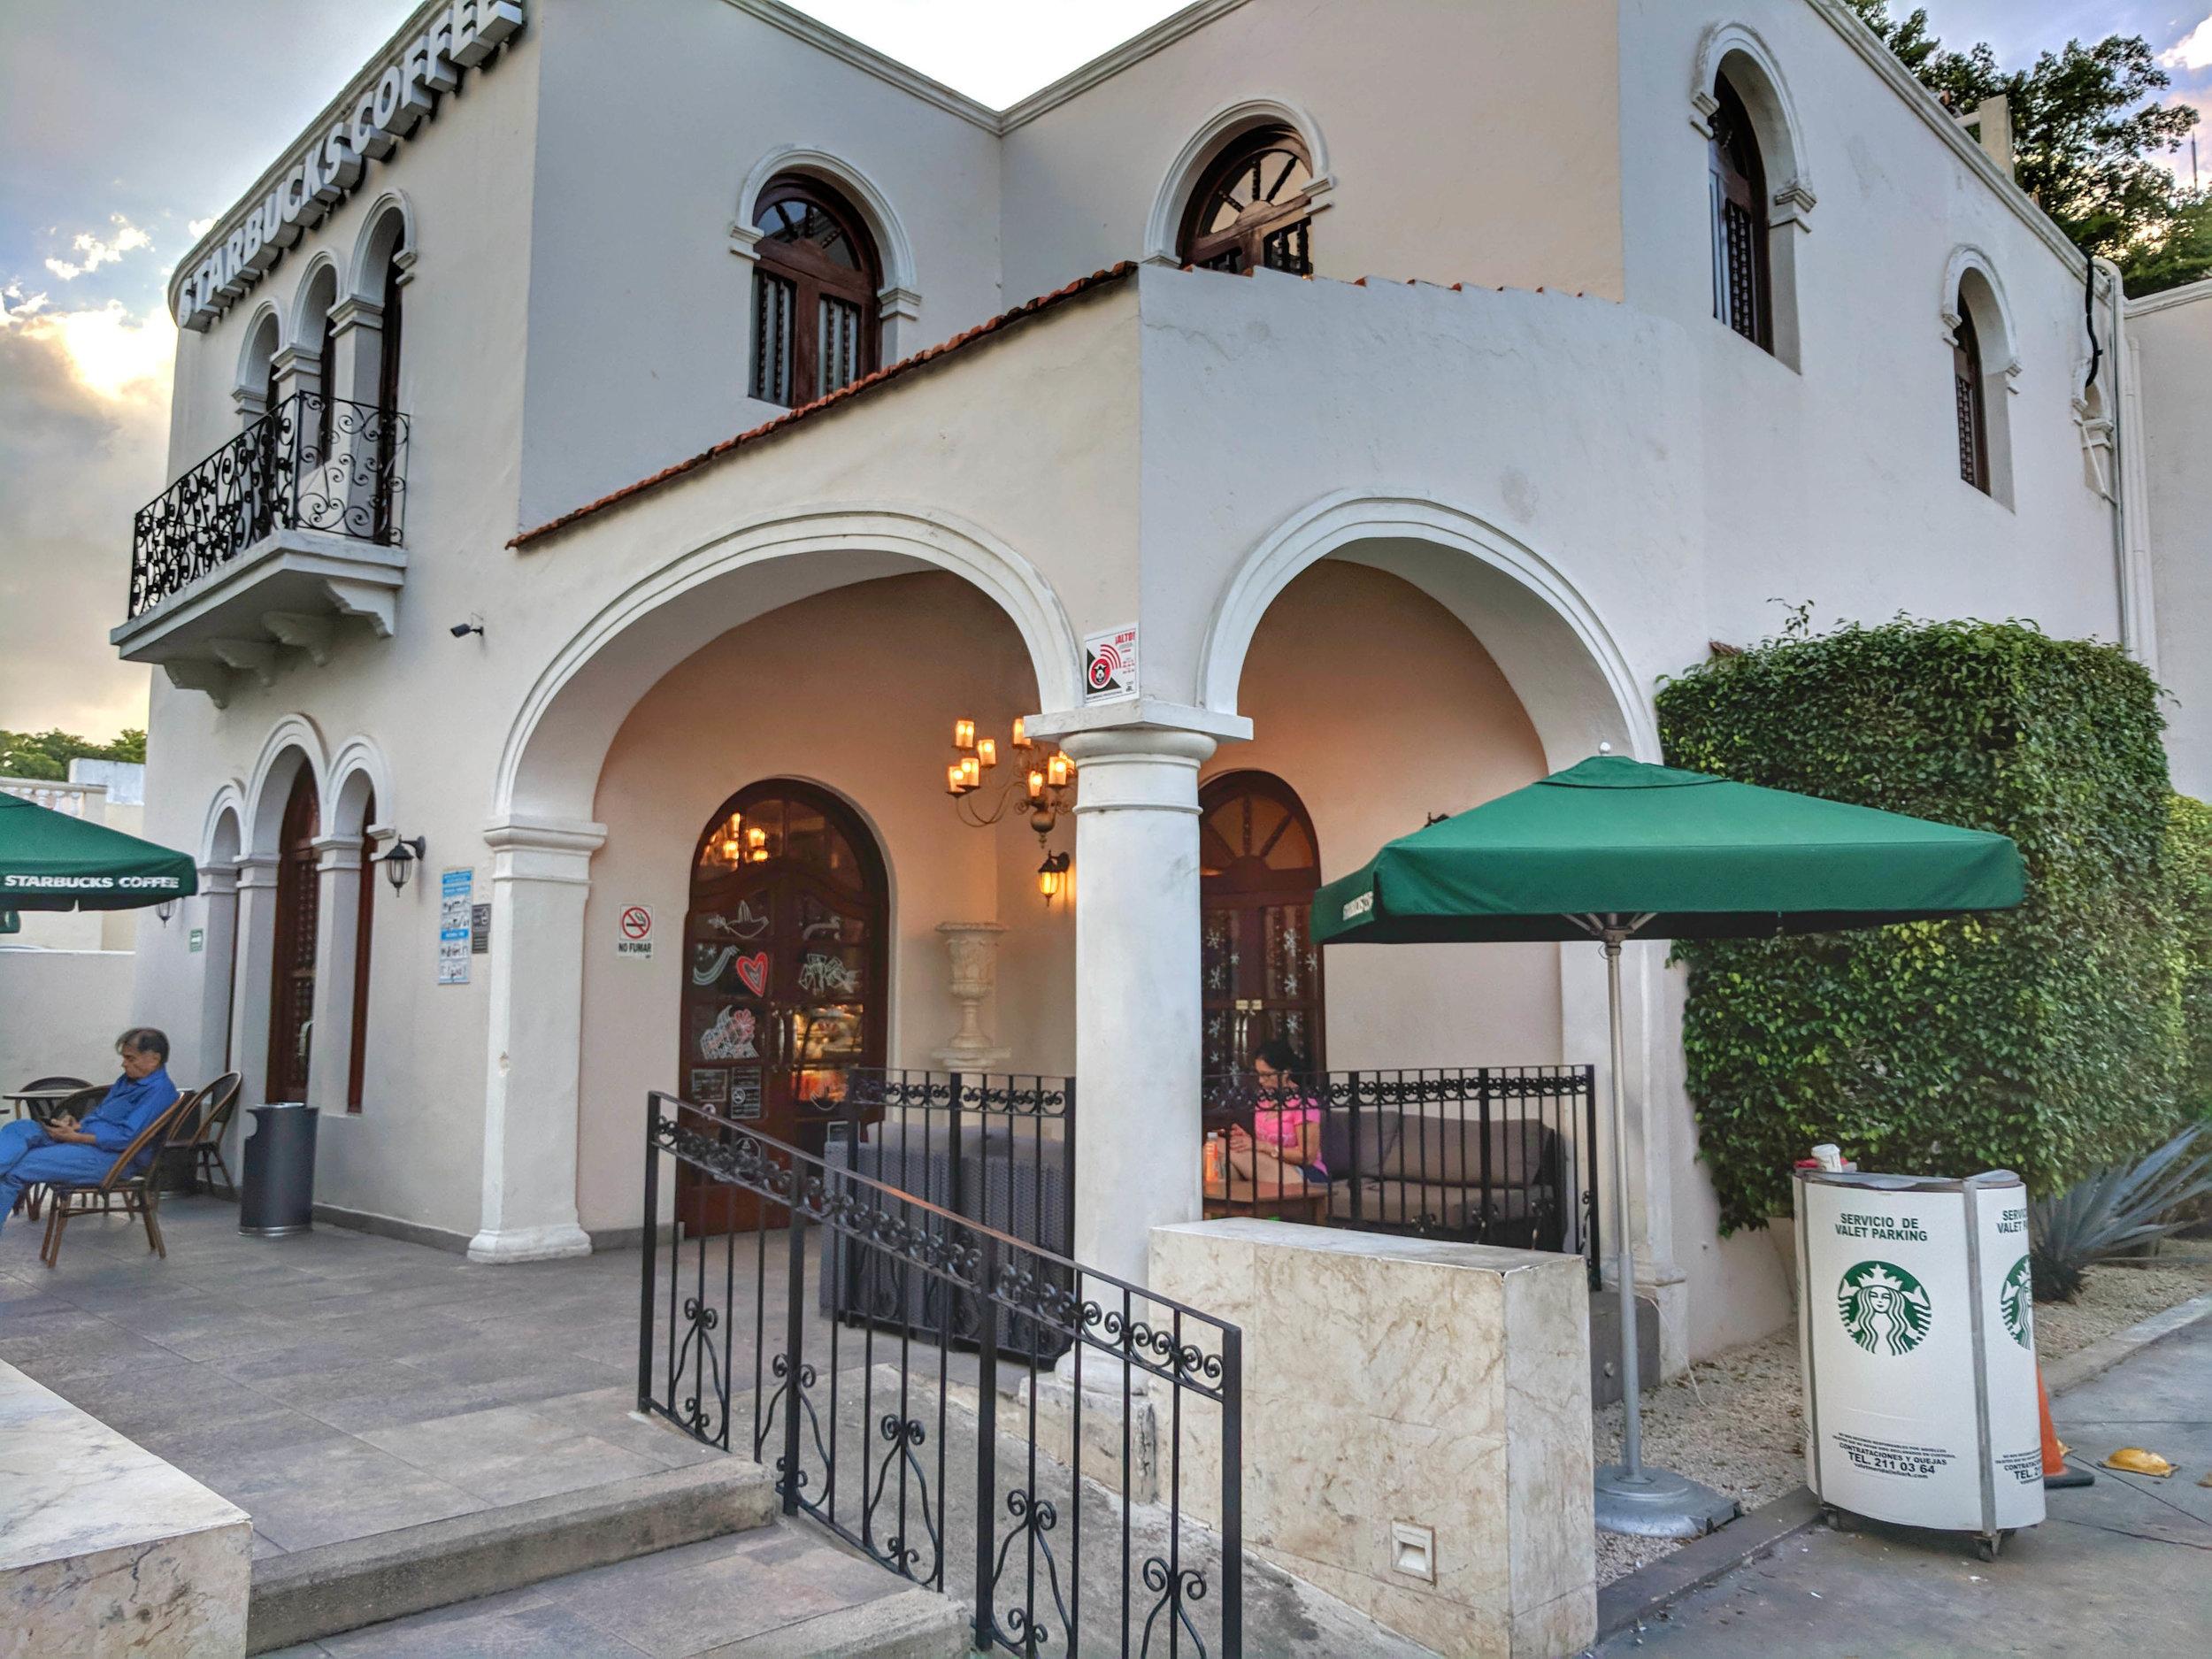 Fancy Starbucks Merida.jpg